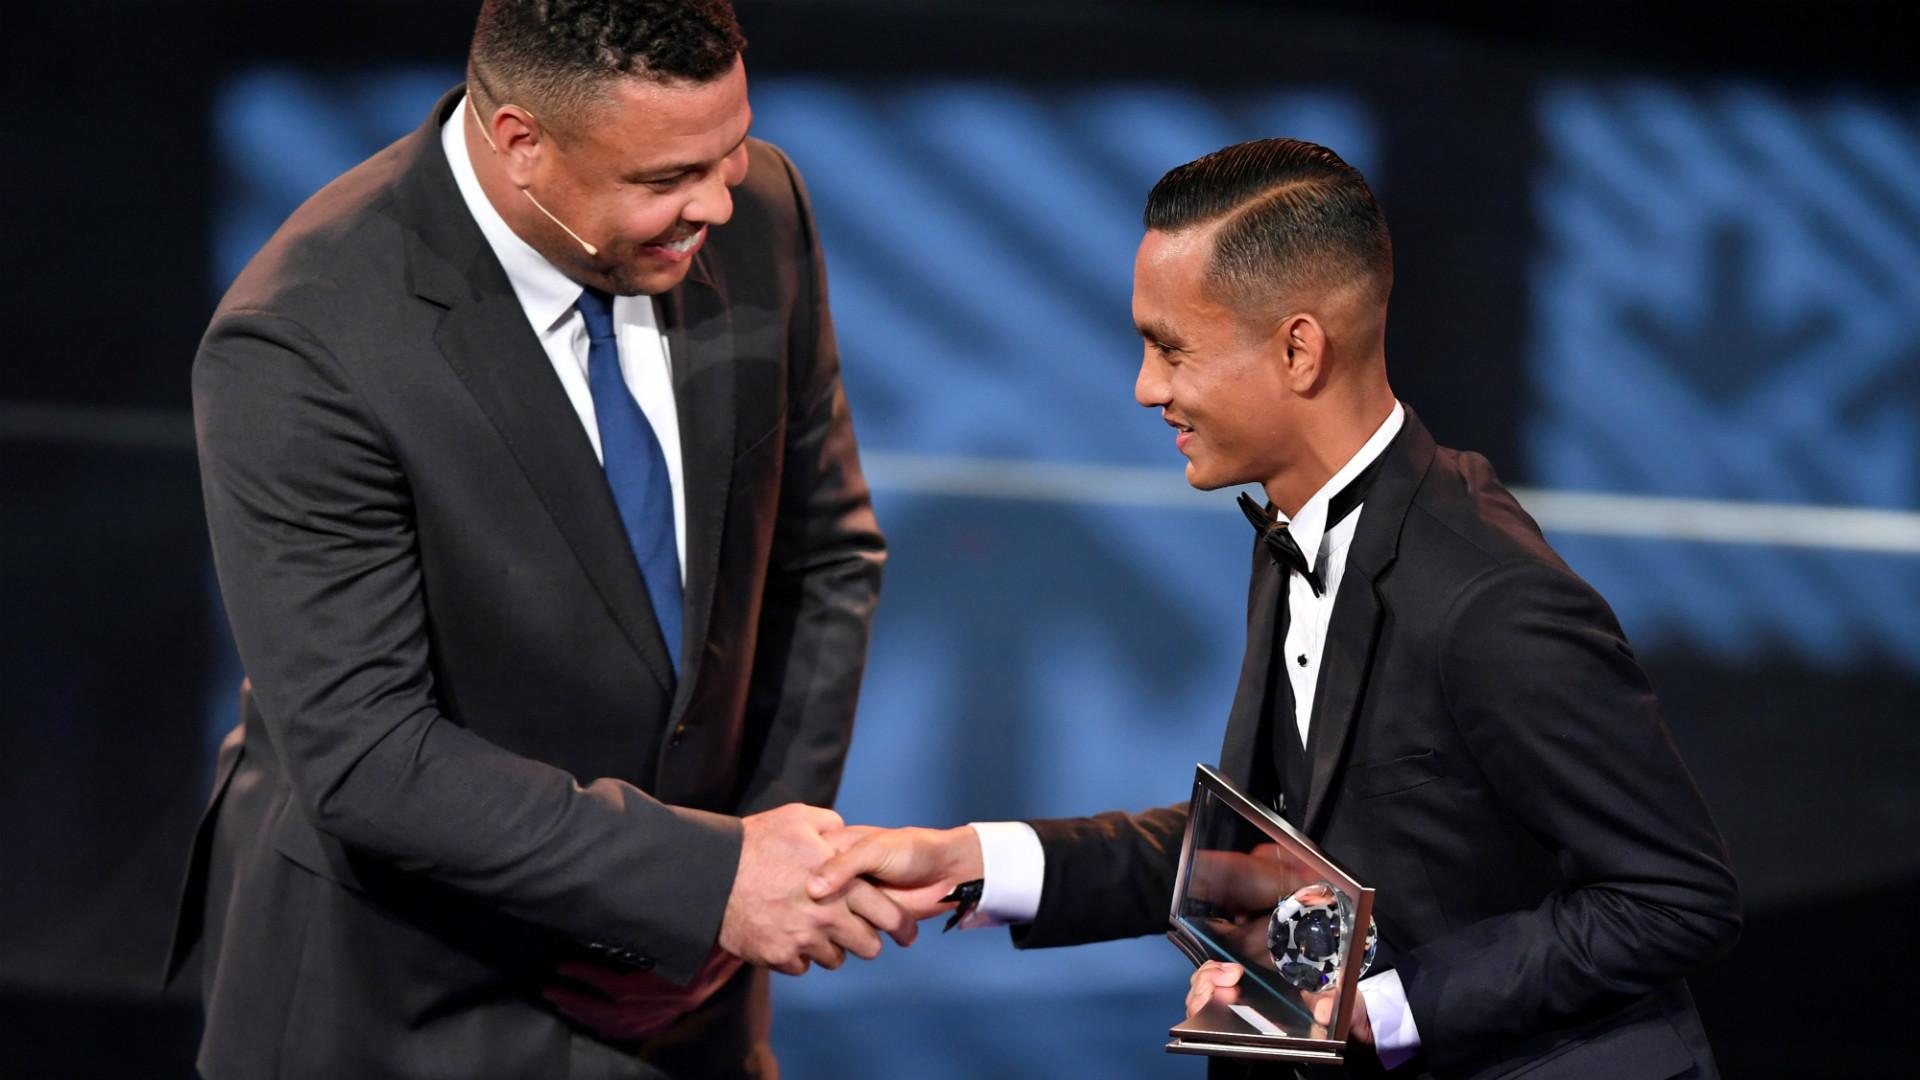 Ronaldo Mohd Faiz Subri Puskas Award